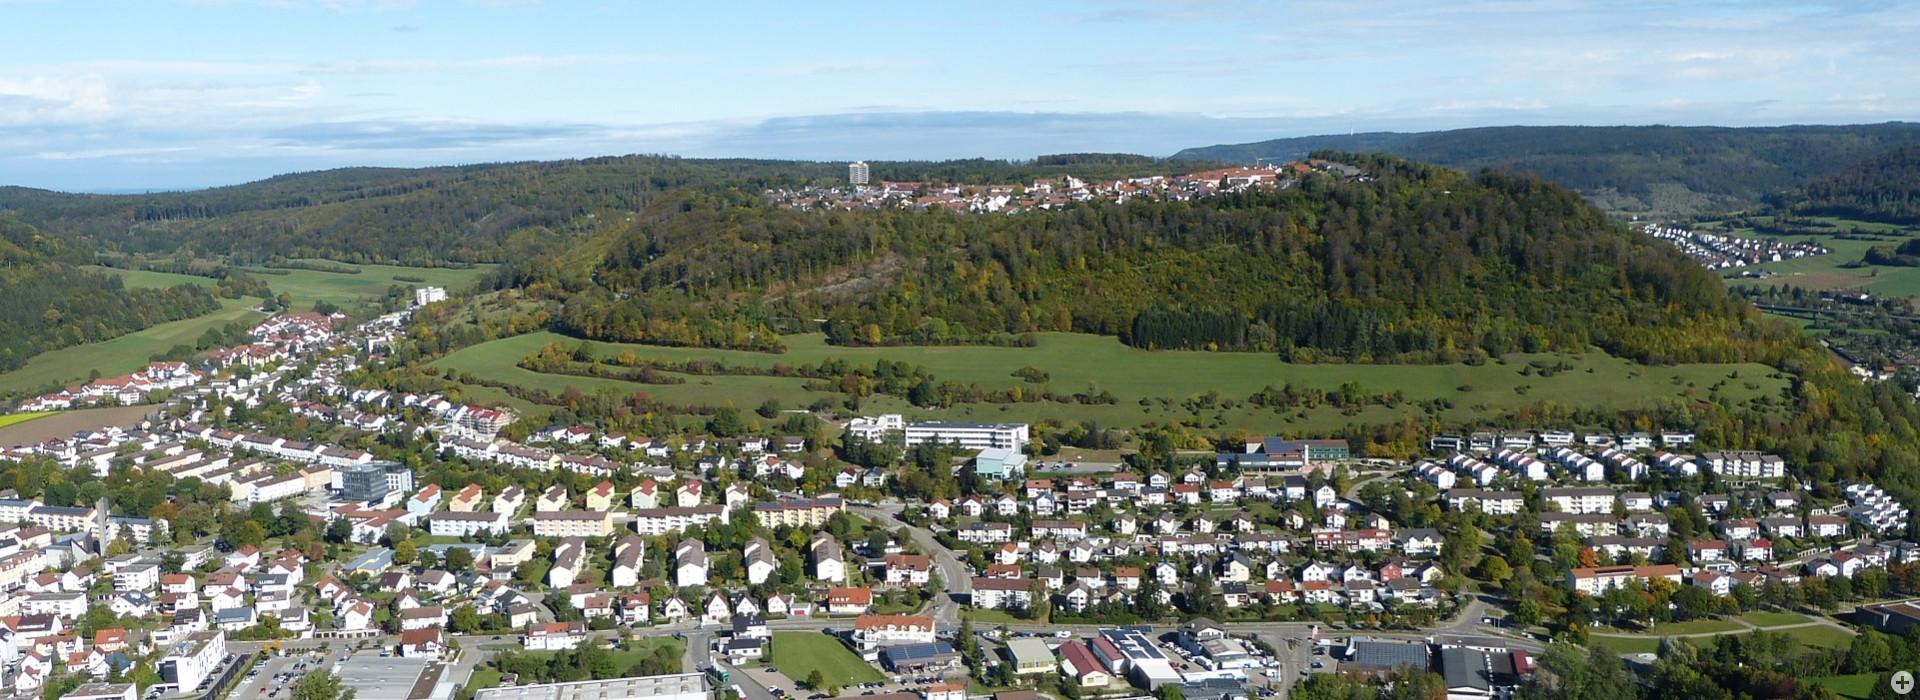 Blick auf die Stadt und das Wohngebiet Heide